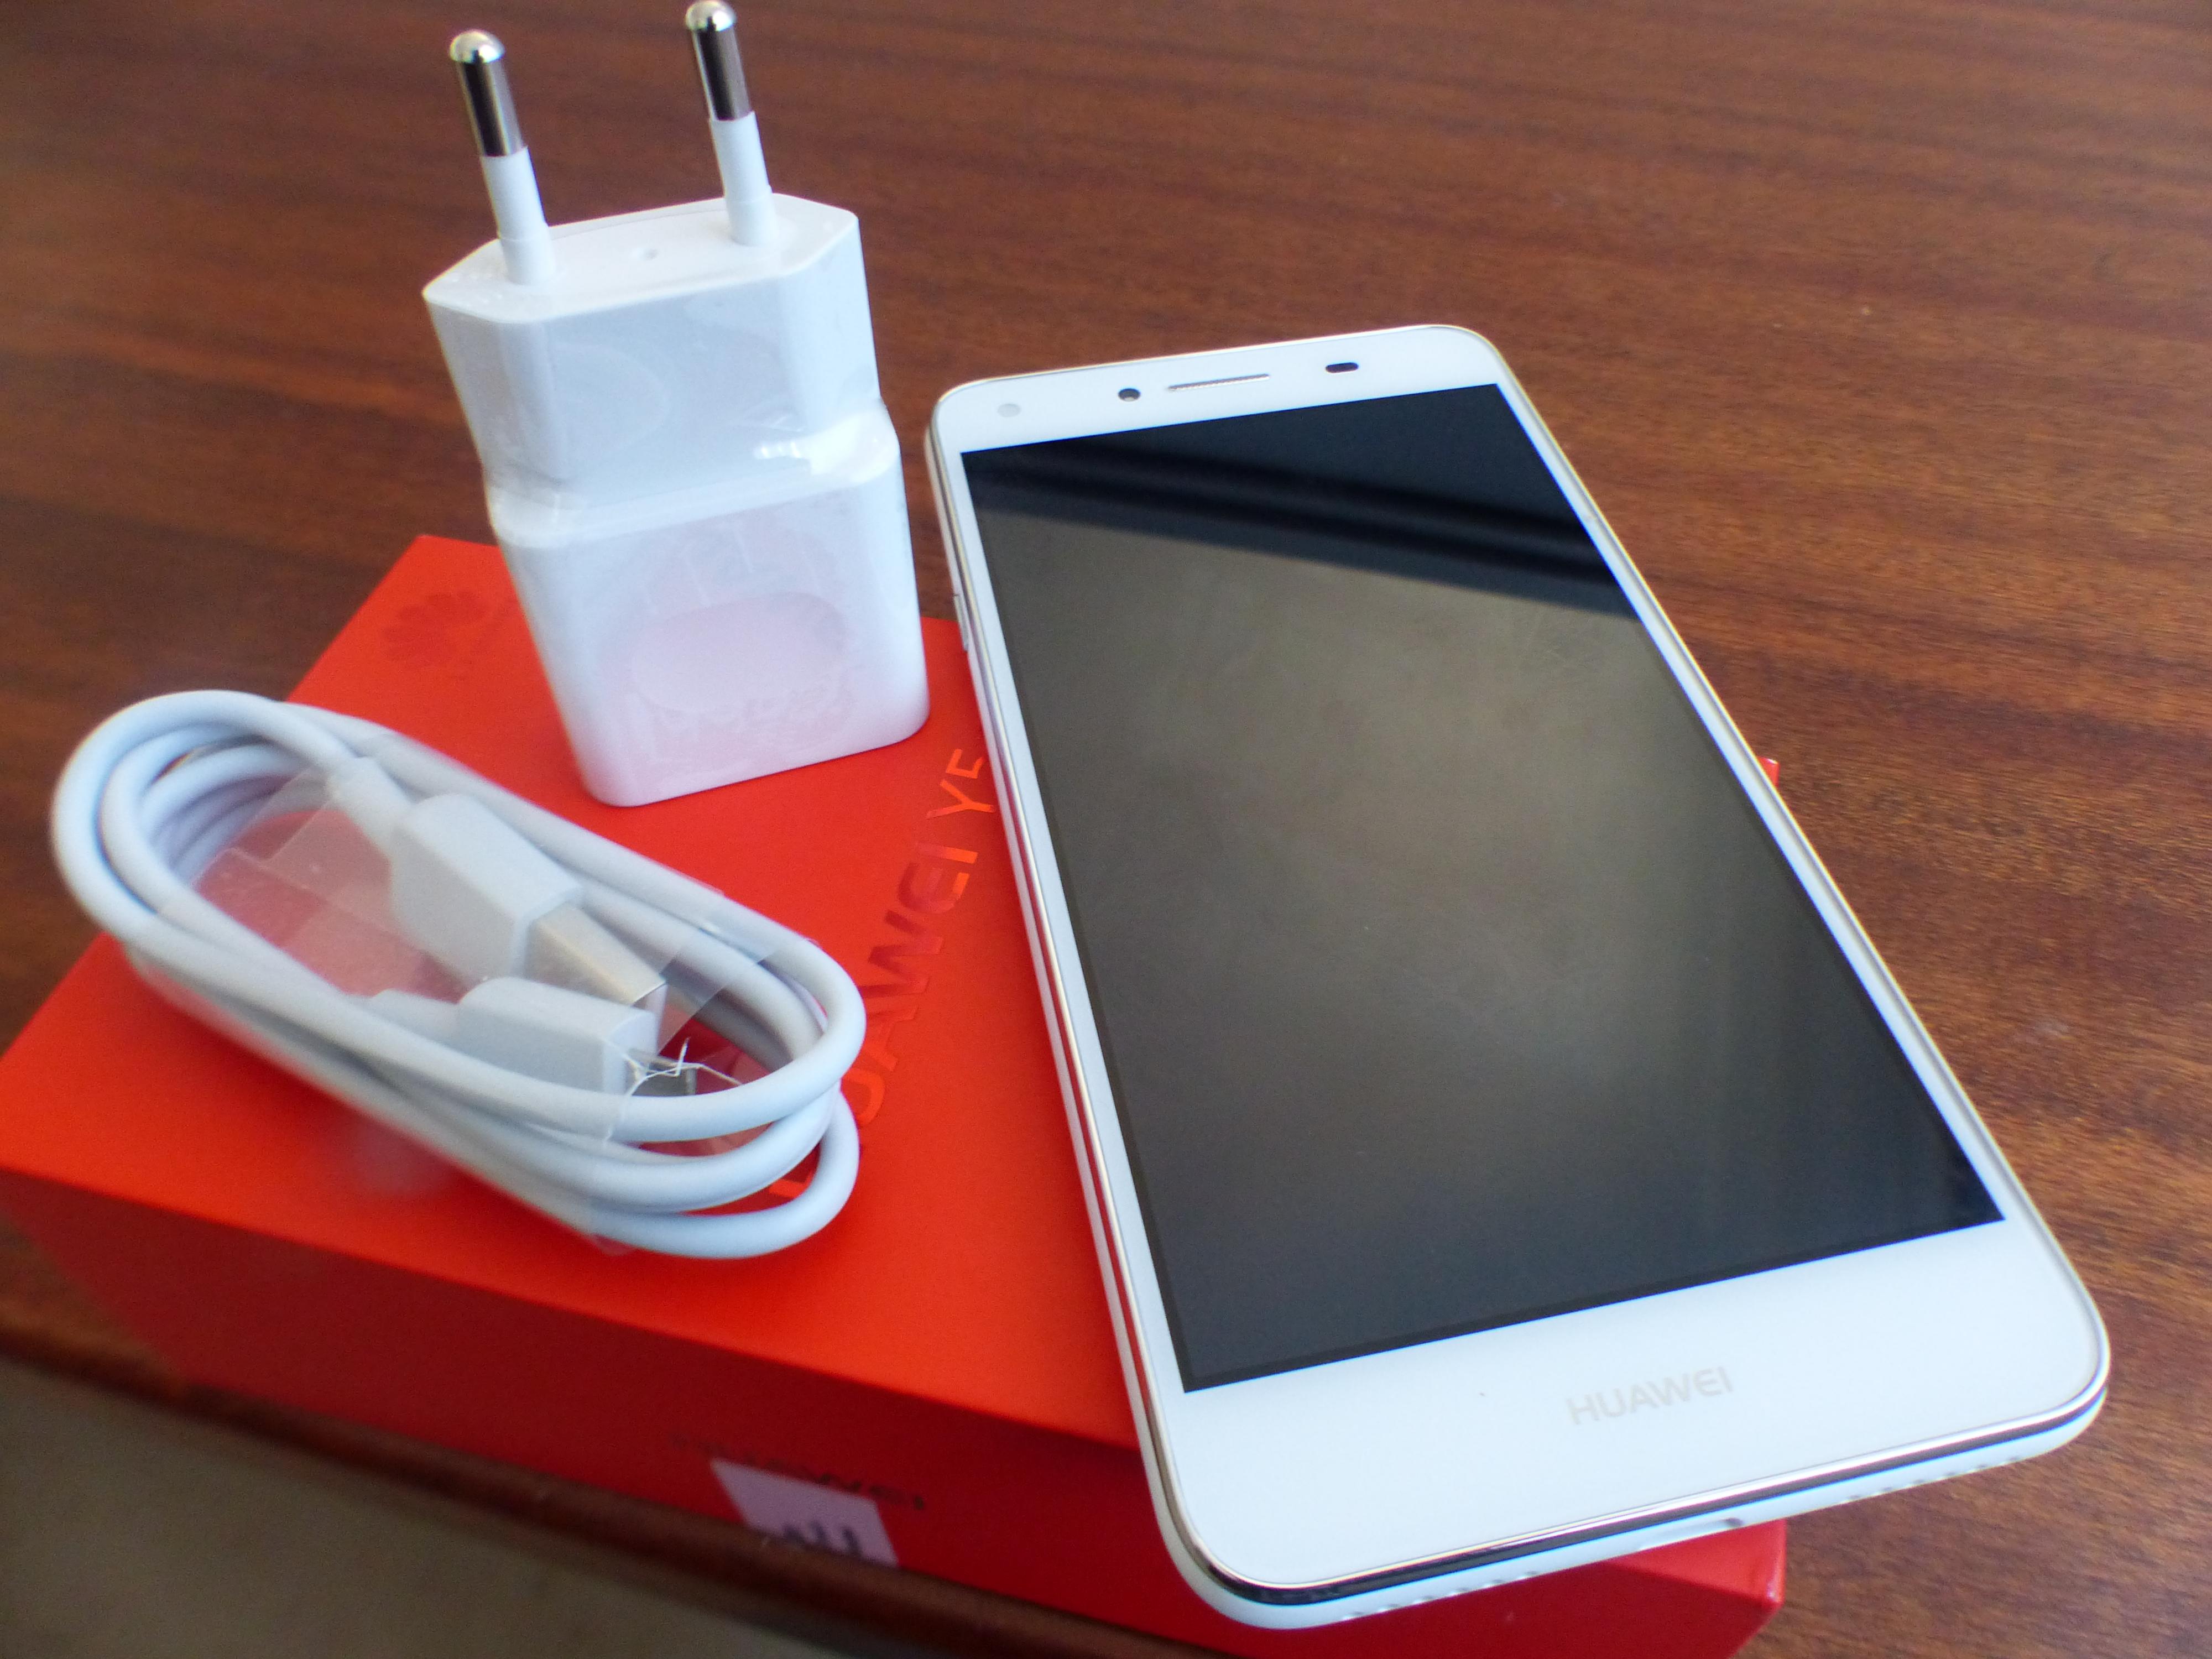 Có trường hợp mua Huawei Y3 chưa đầy 1 tuần nhưng bị vỡ mặt kính rồi